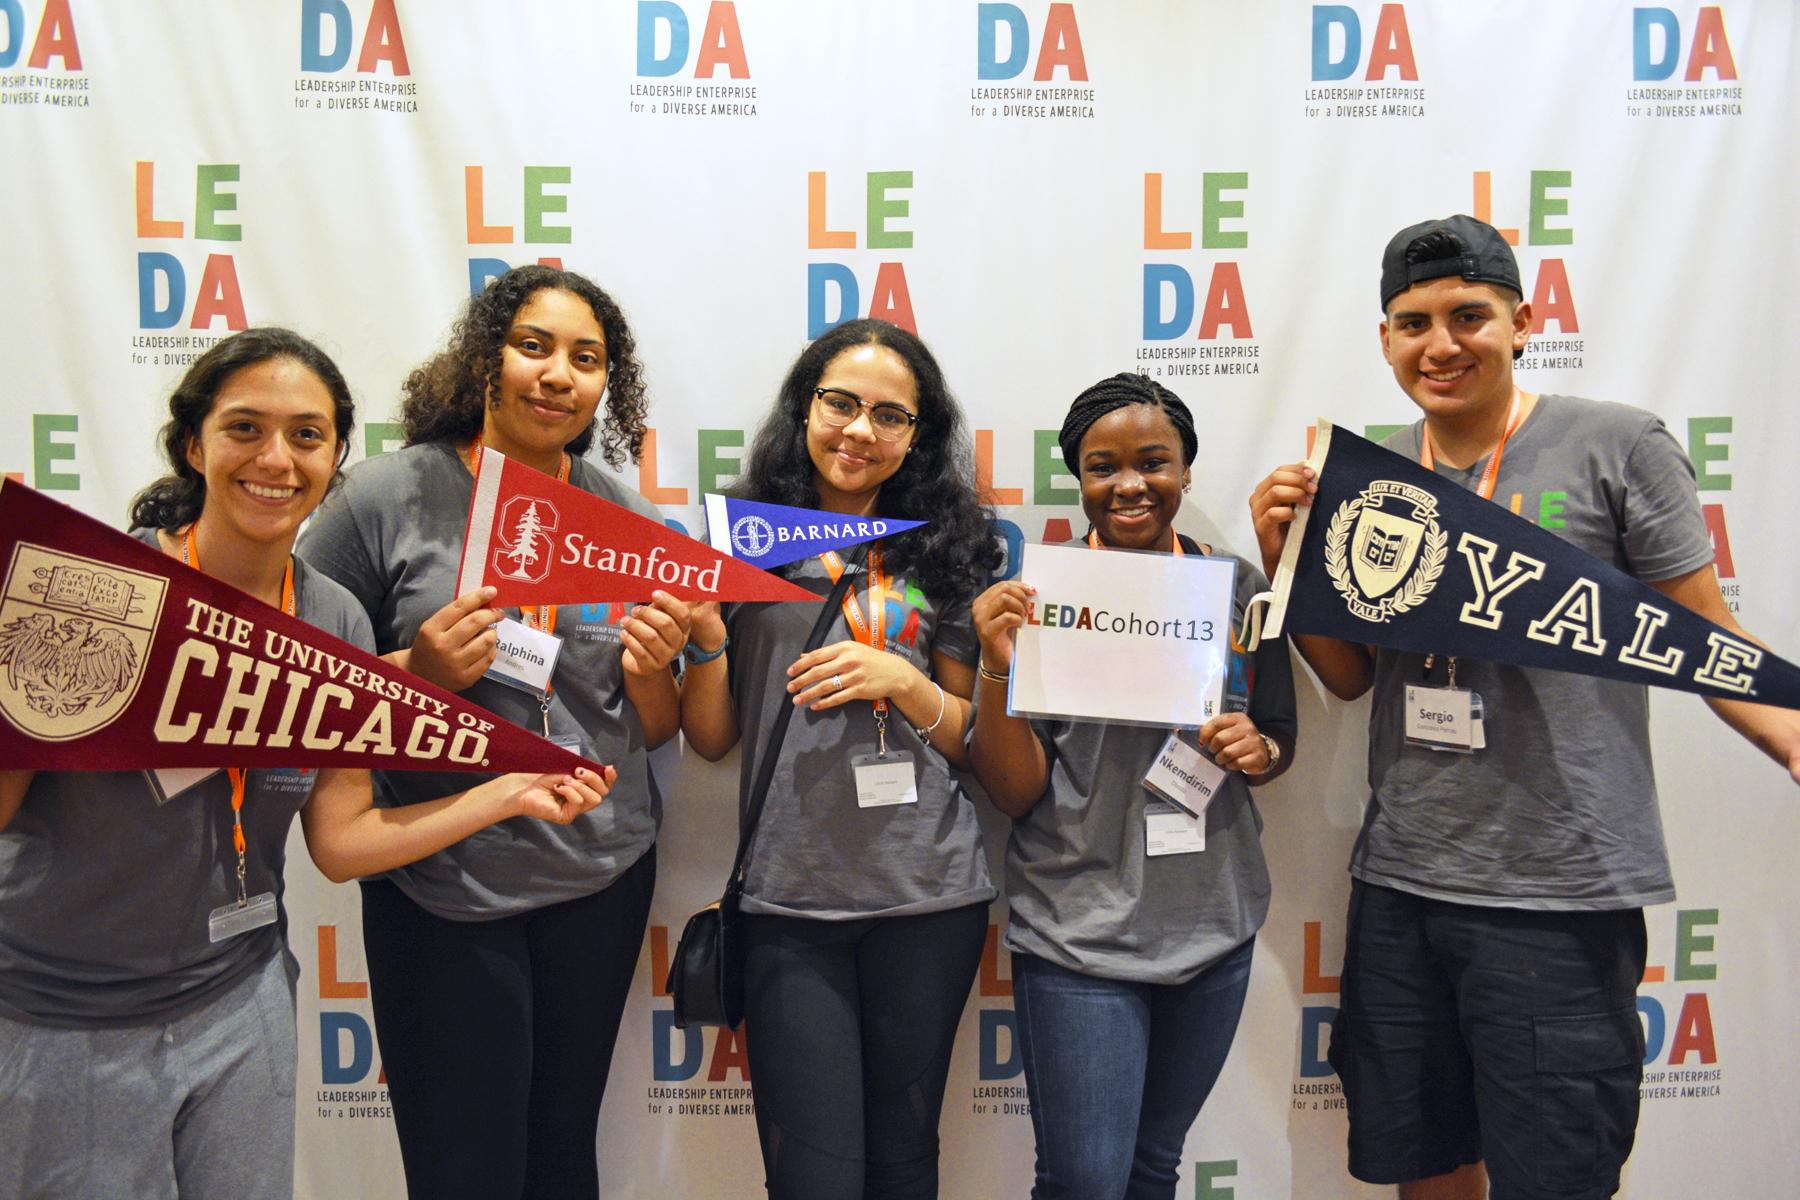 JLEDA Scholars aim high